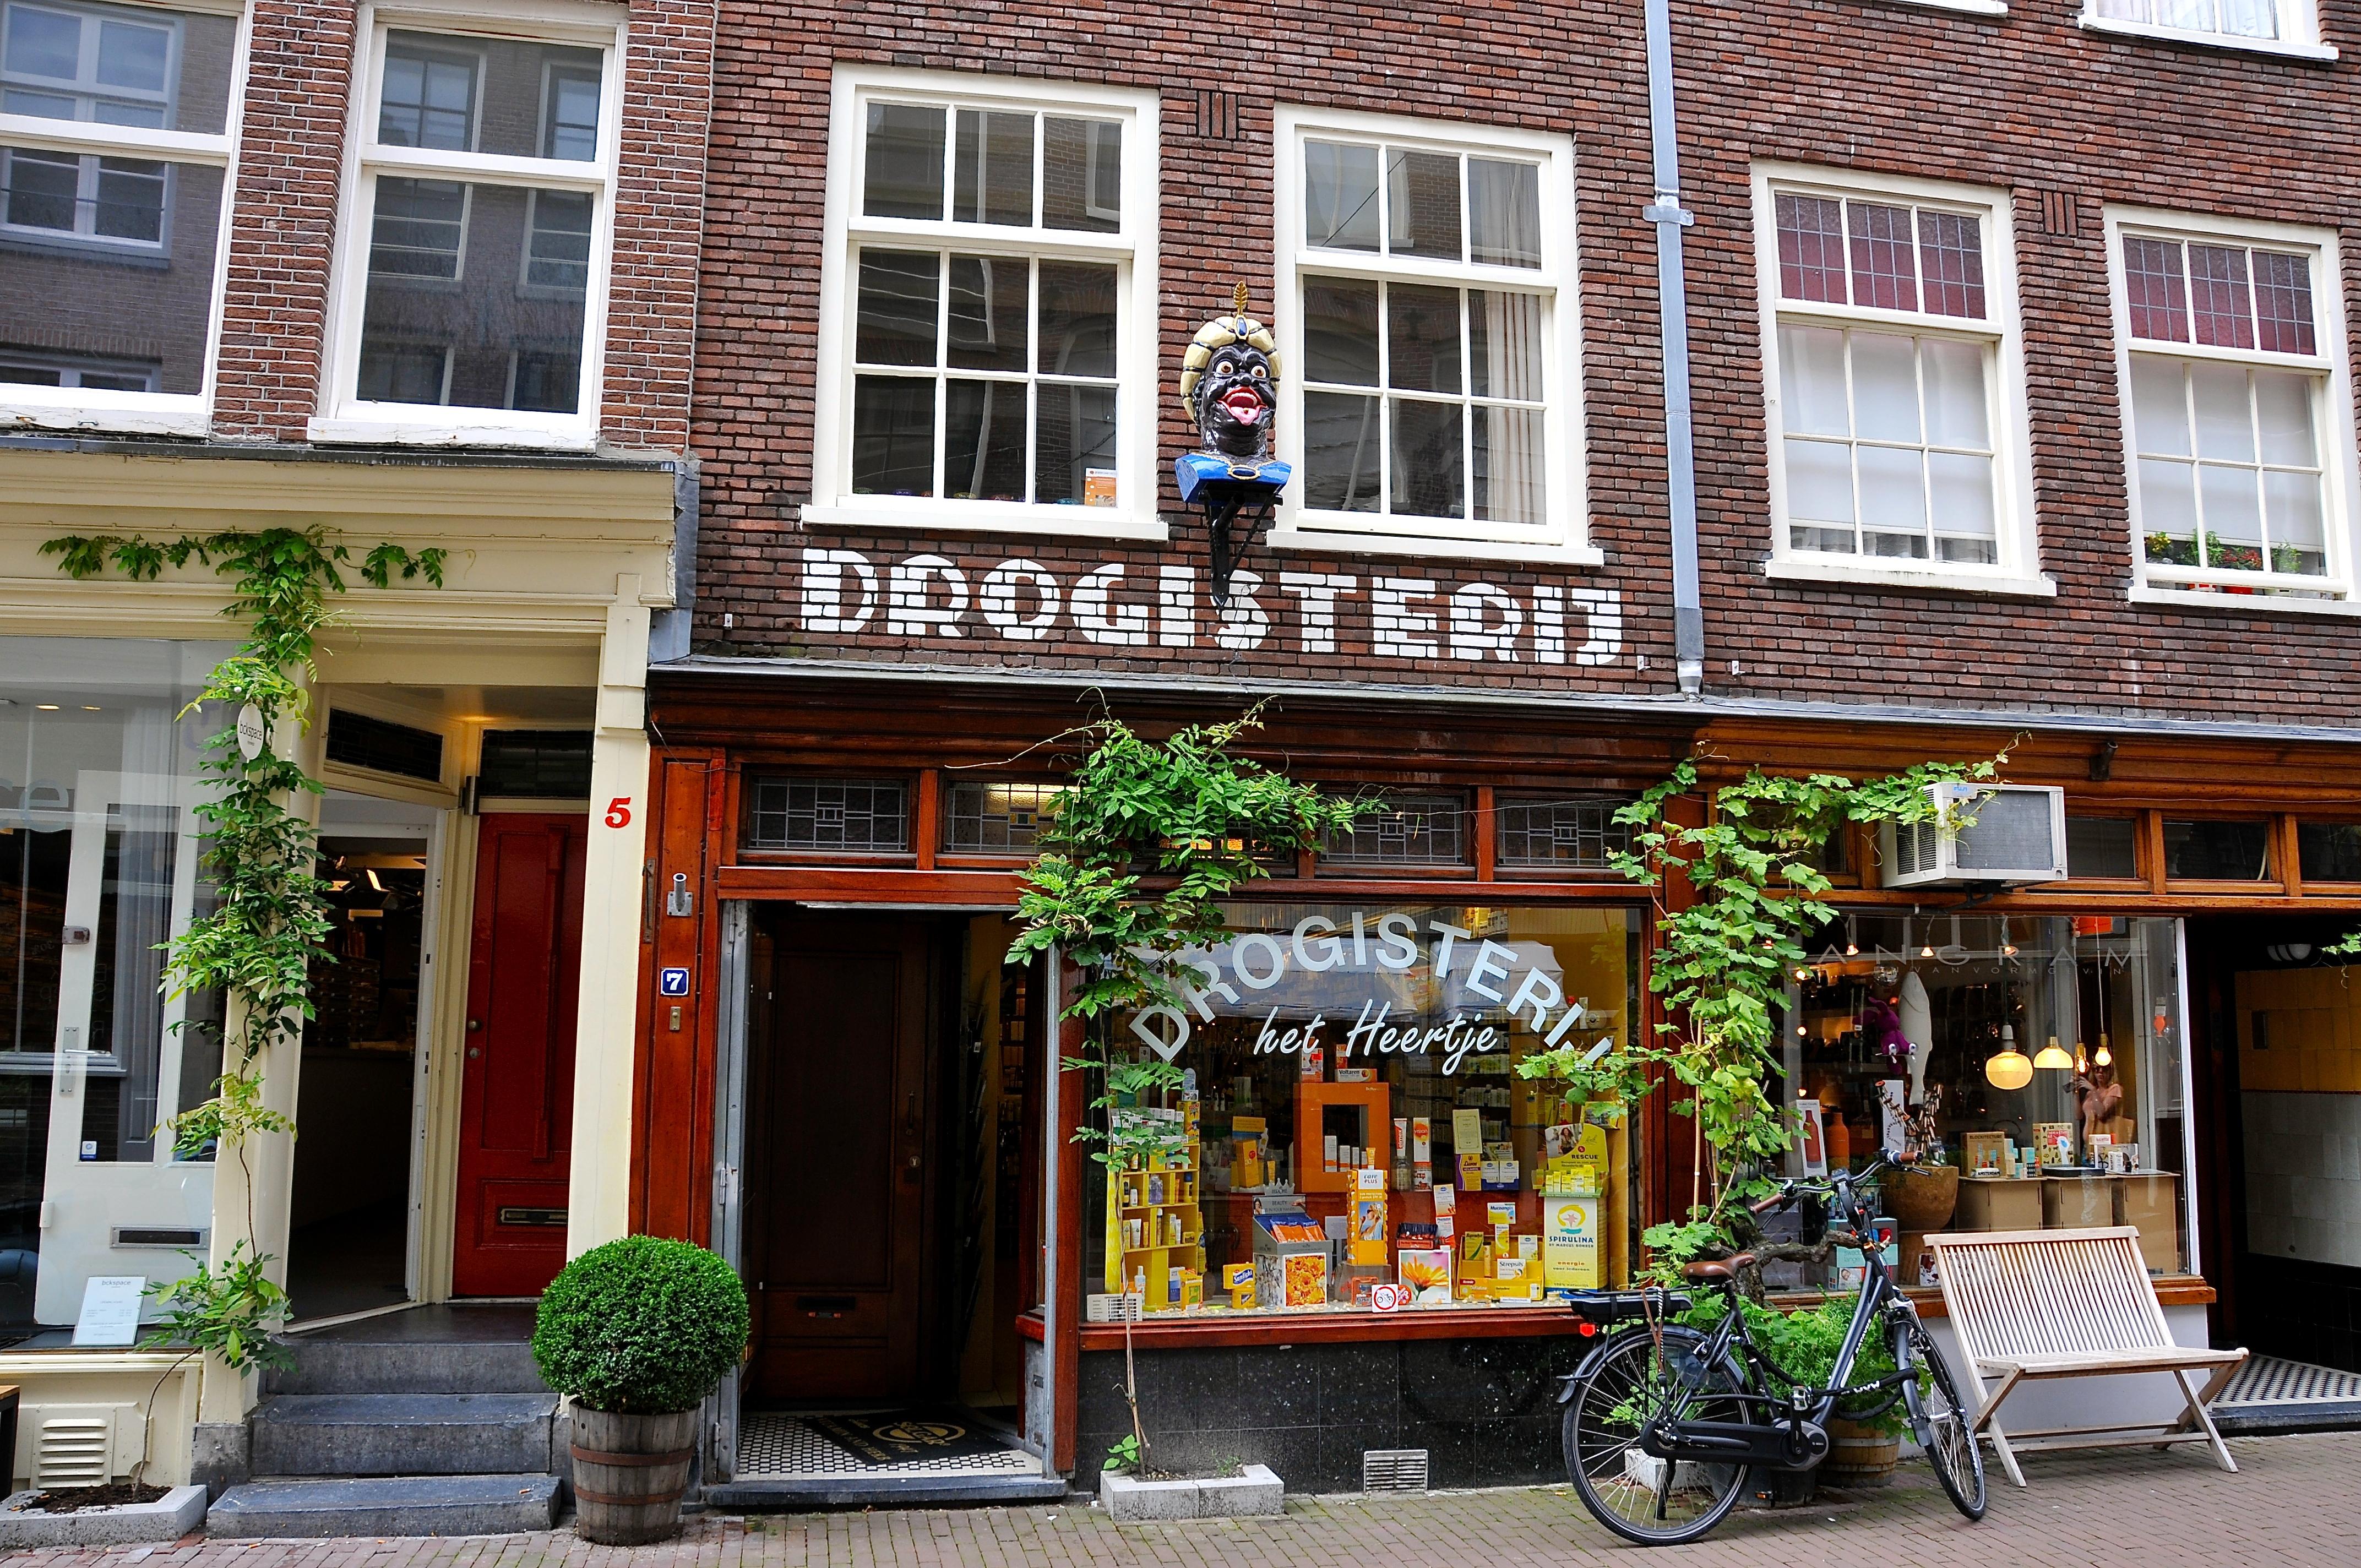 File  u0026#39;Het Heertje u0026#39; Herenstraat Amsterdam (15091212301) jpg   Wikimedia Commons